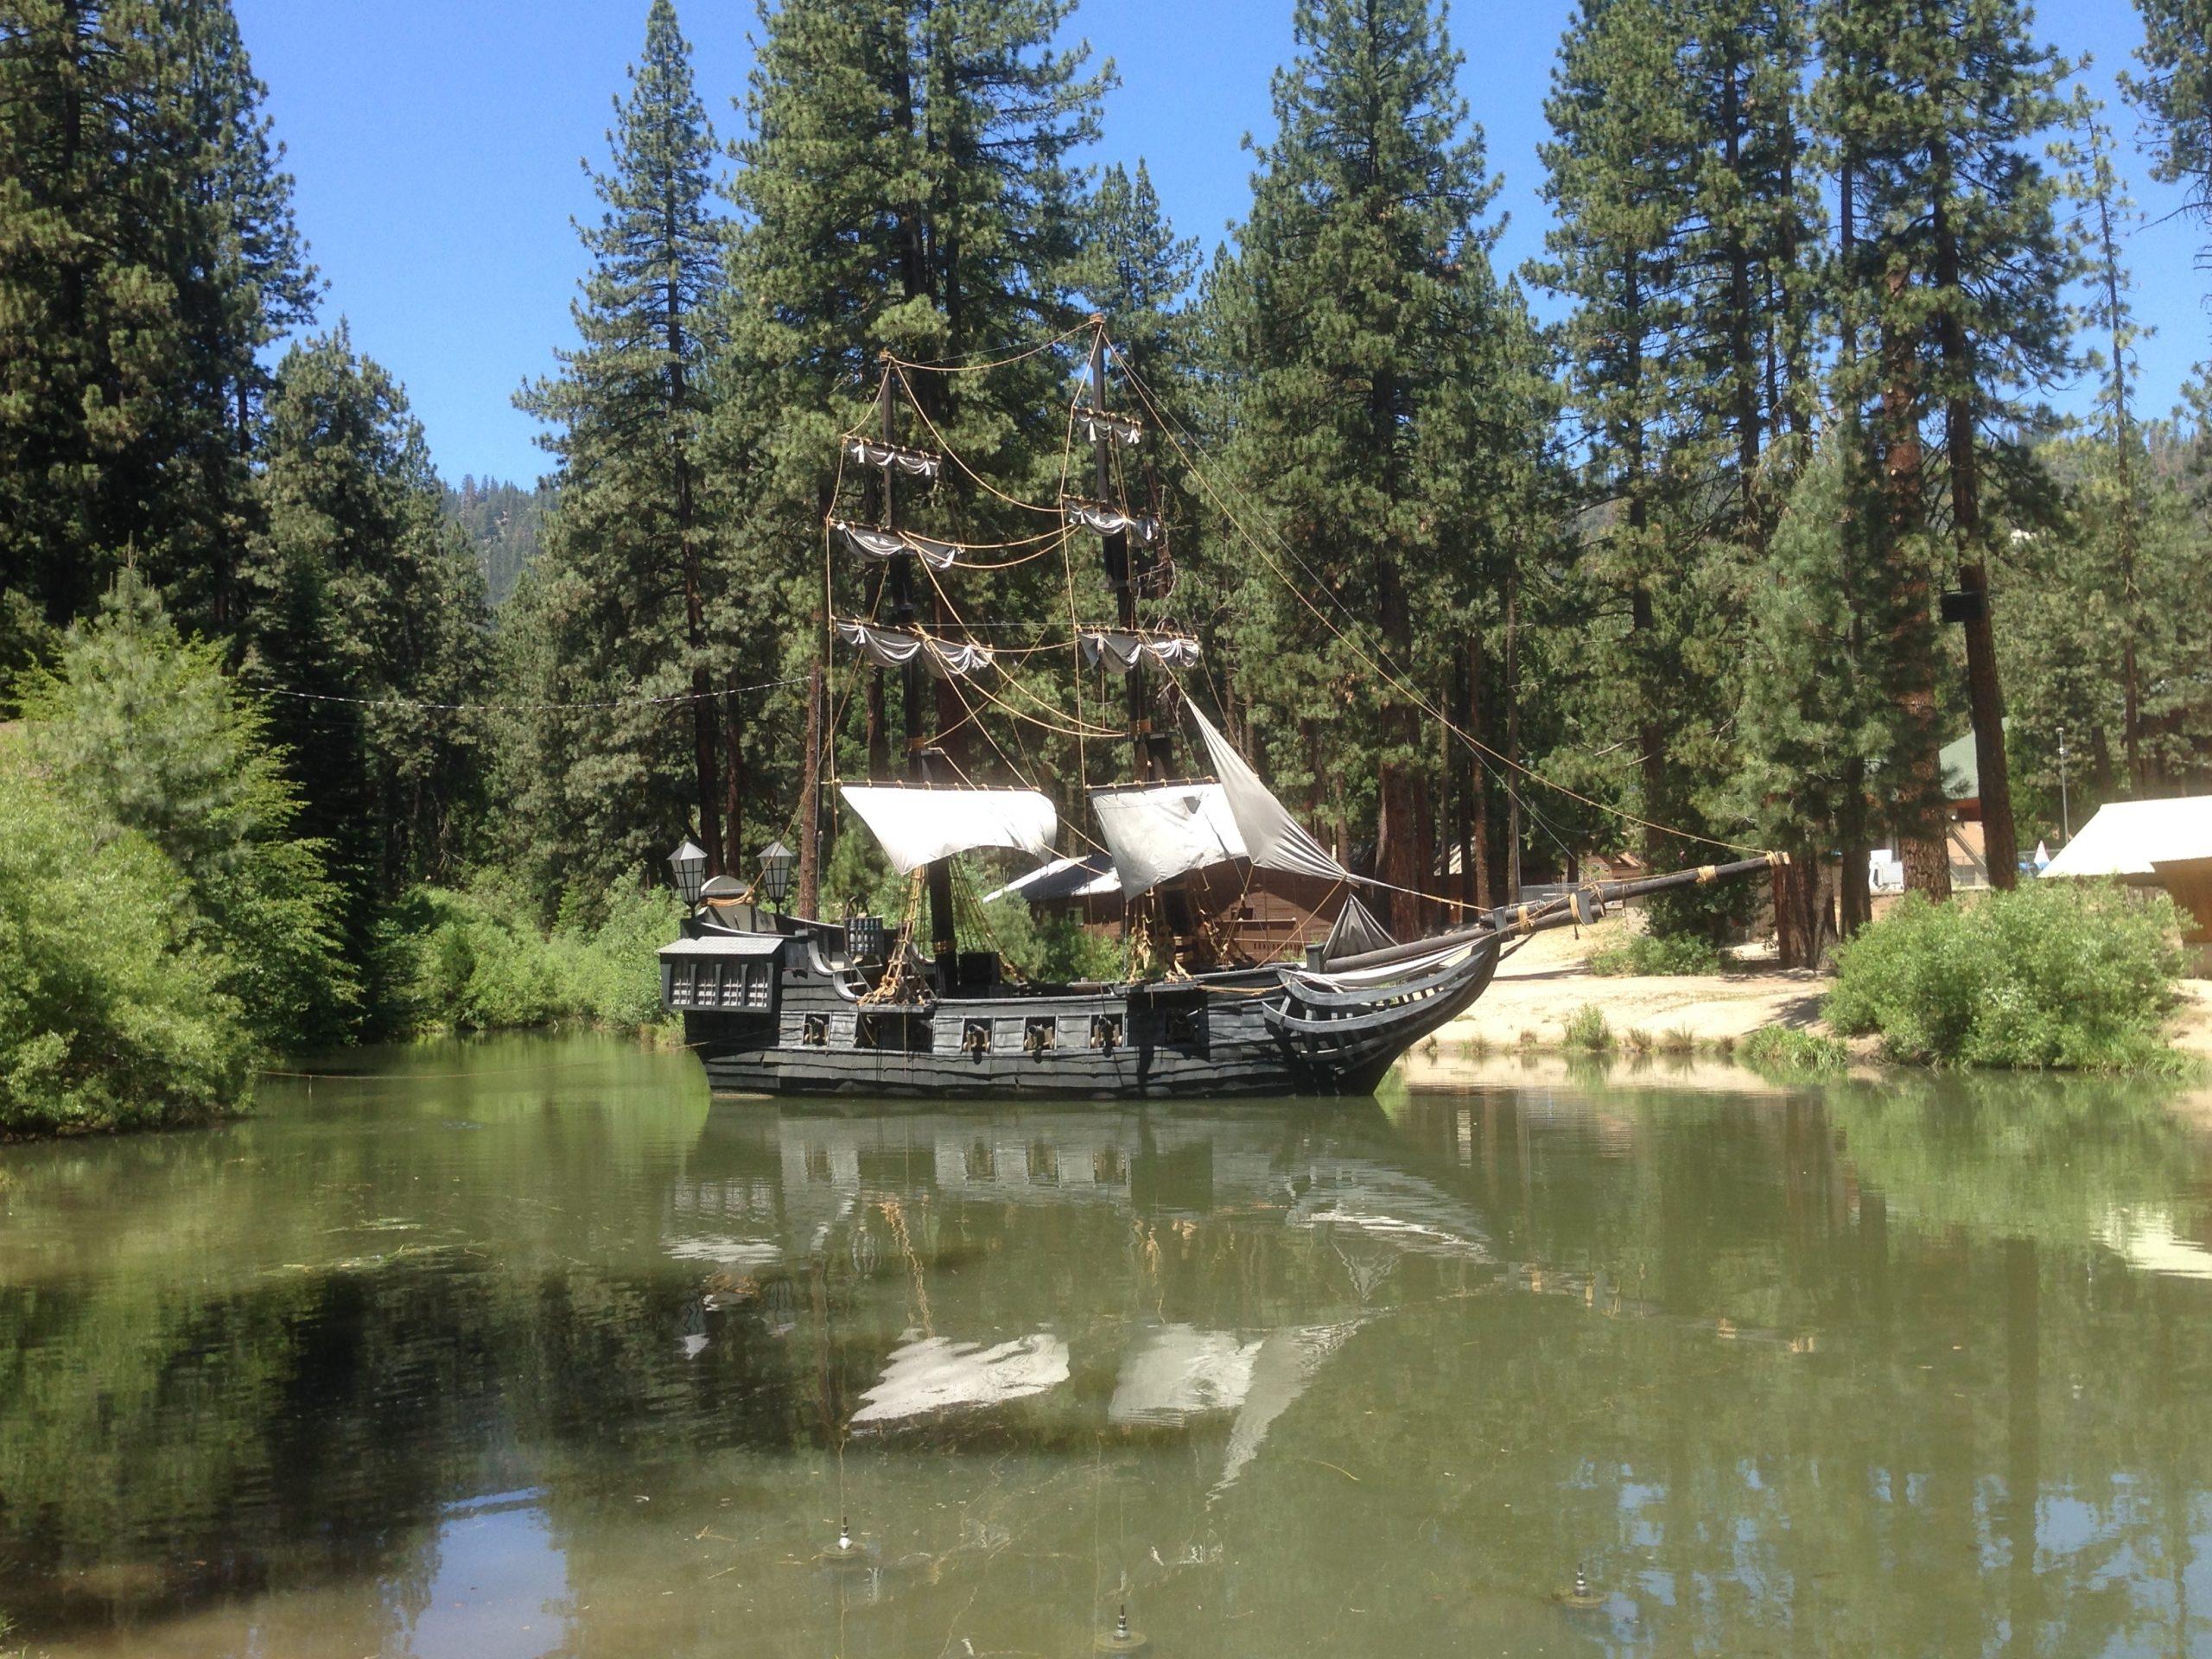 Hume Lake Pirate Ship